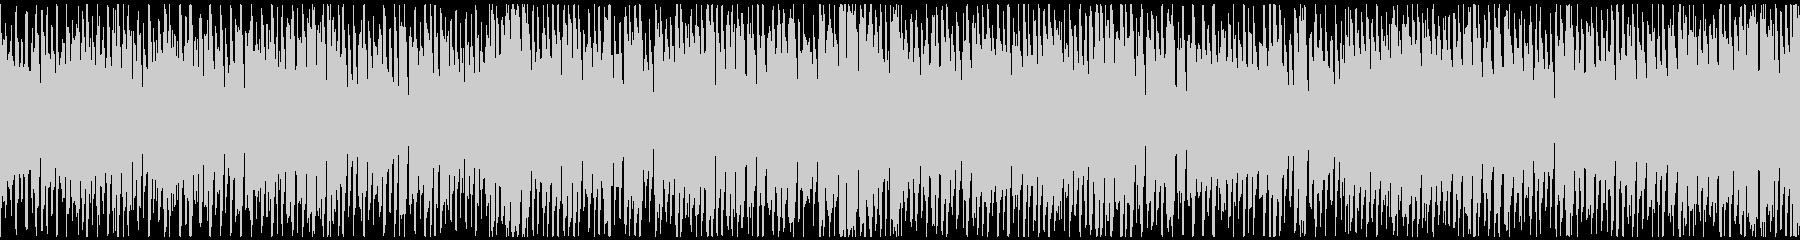 カートゥーン的なドタバタBGM※ループ版の未再生の波形